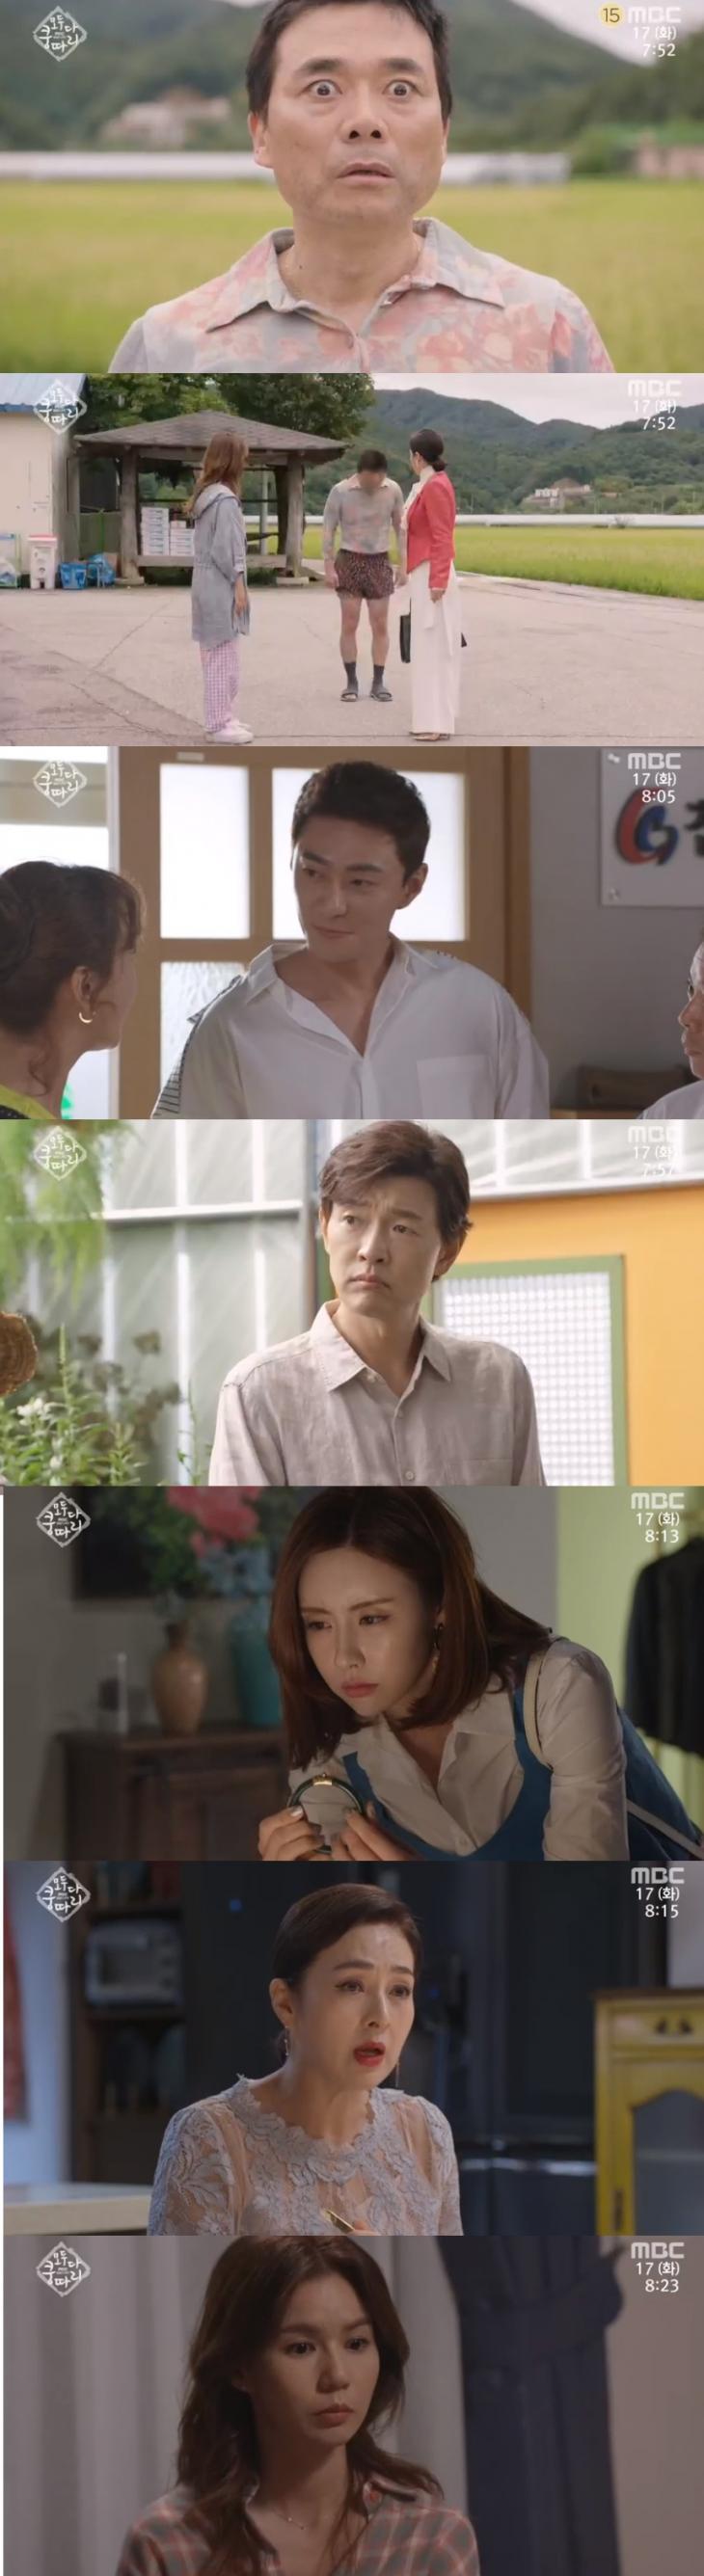 박시은 김호진 이보희 / MBC '모두 다 쿵따리' 캡처